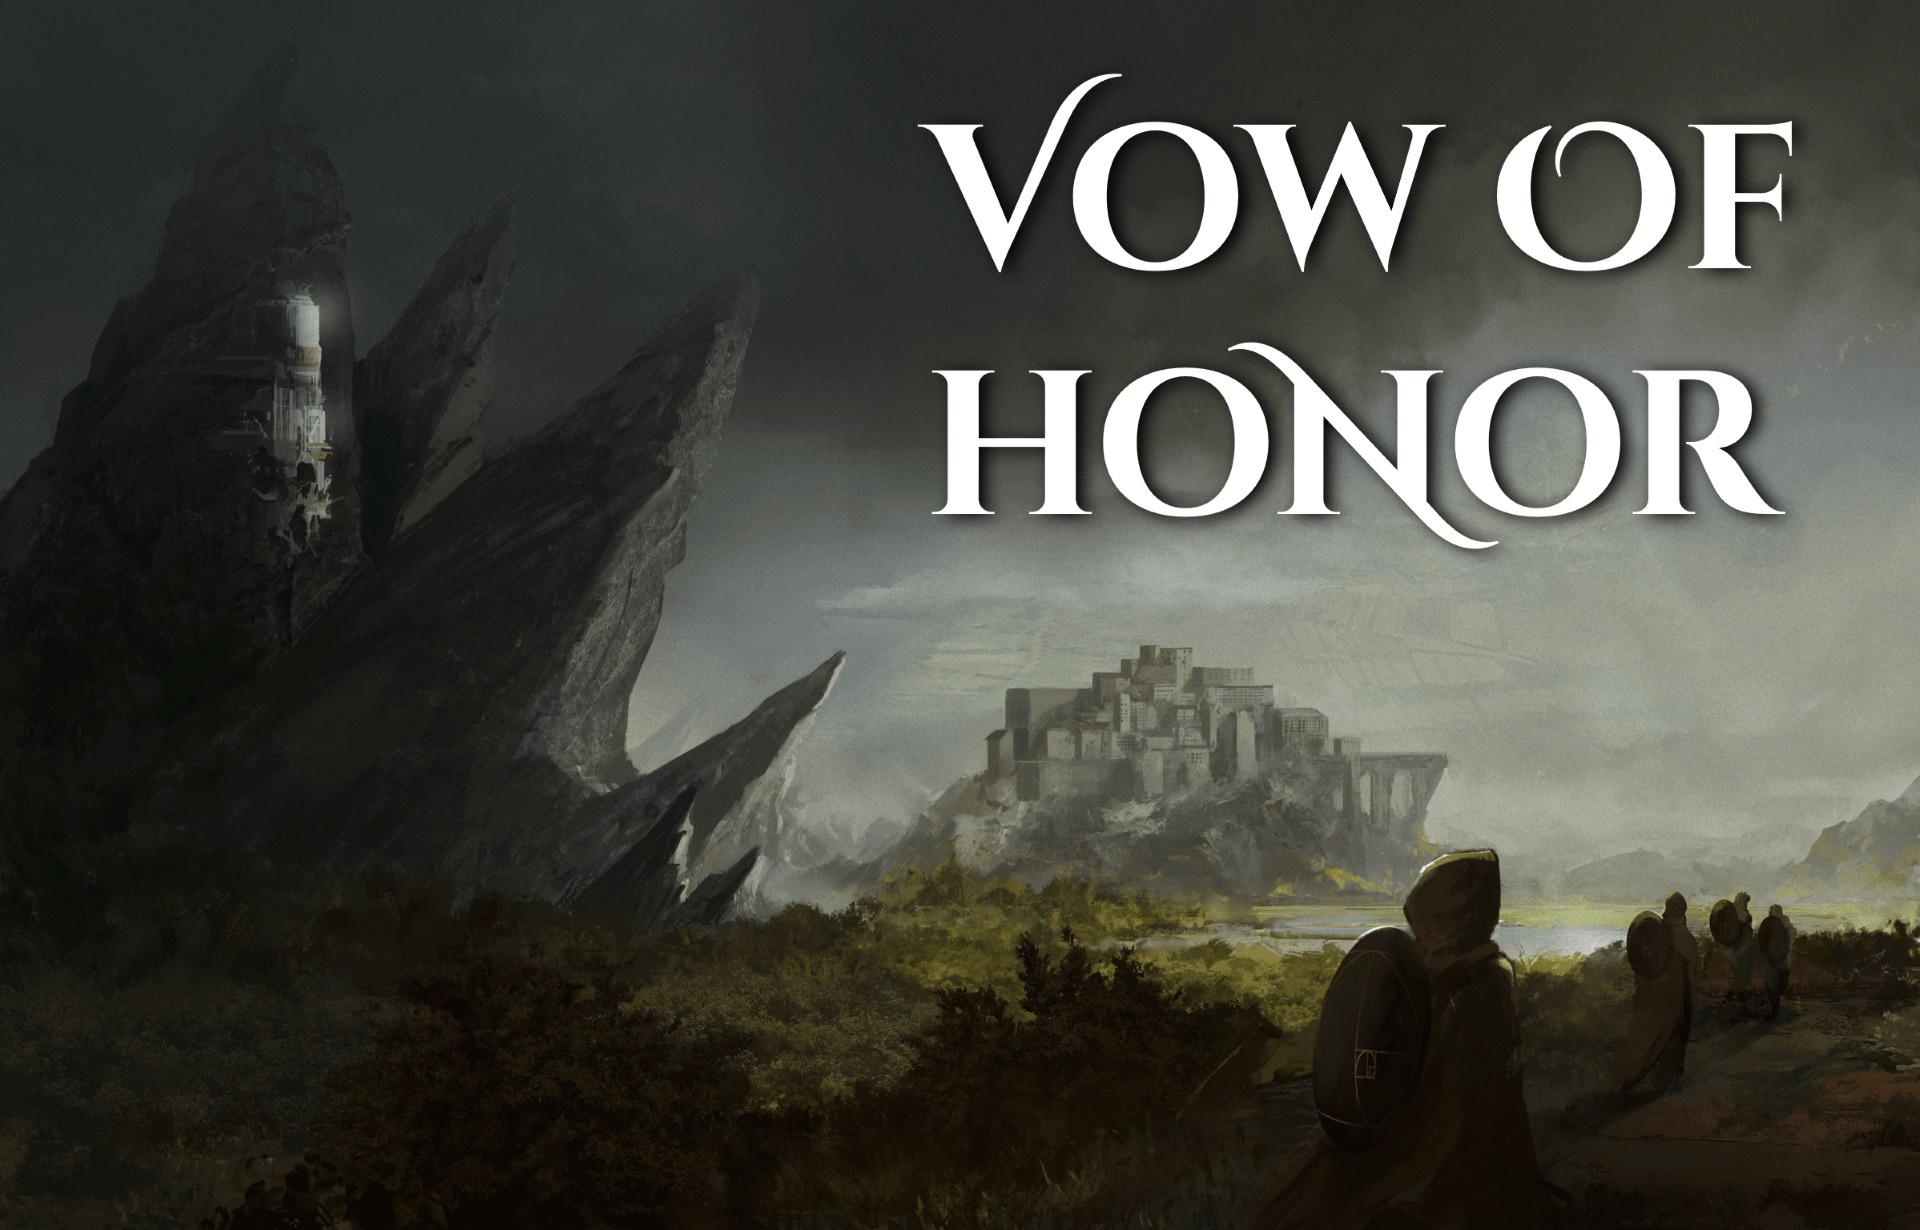 Vow-of-Honor-teaser_.jpg